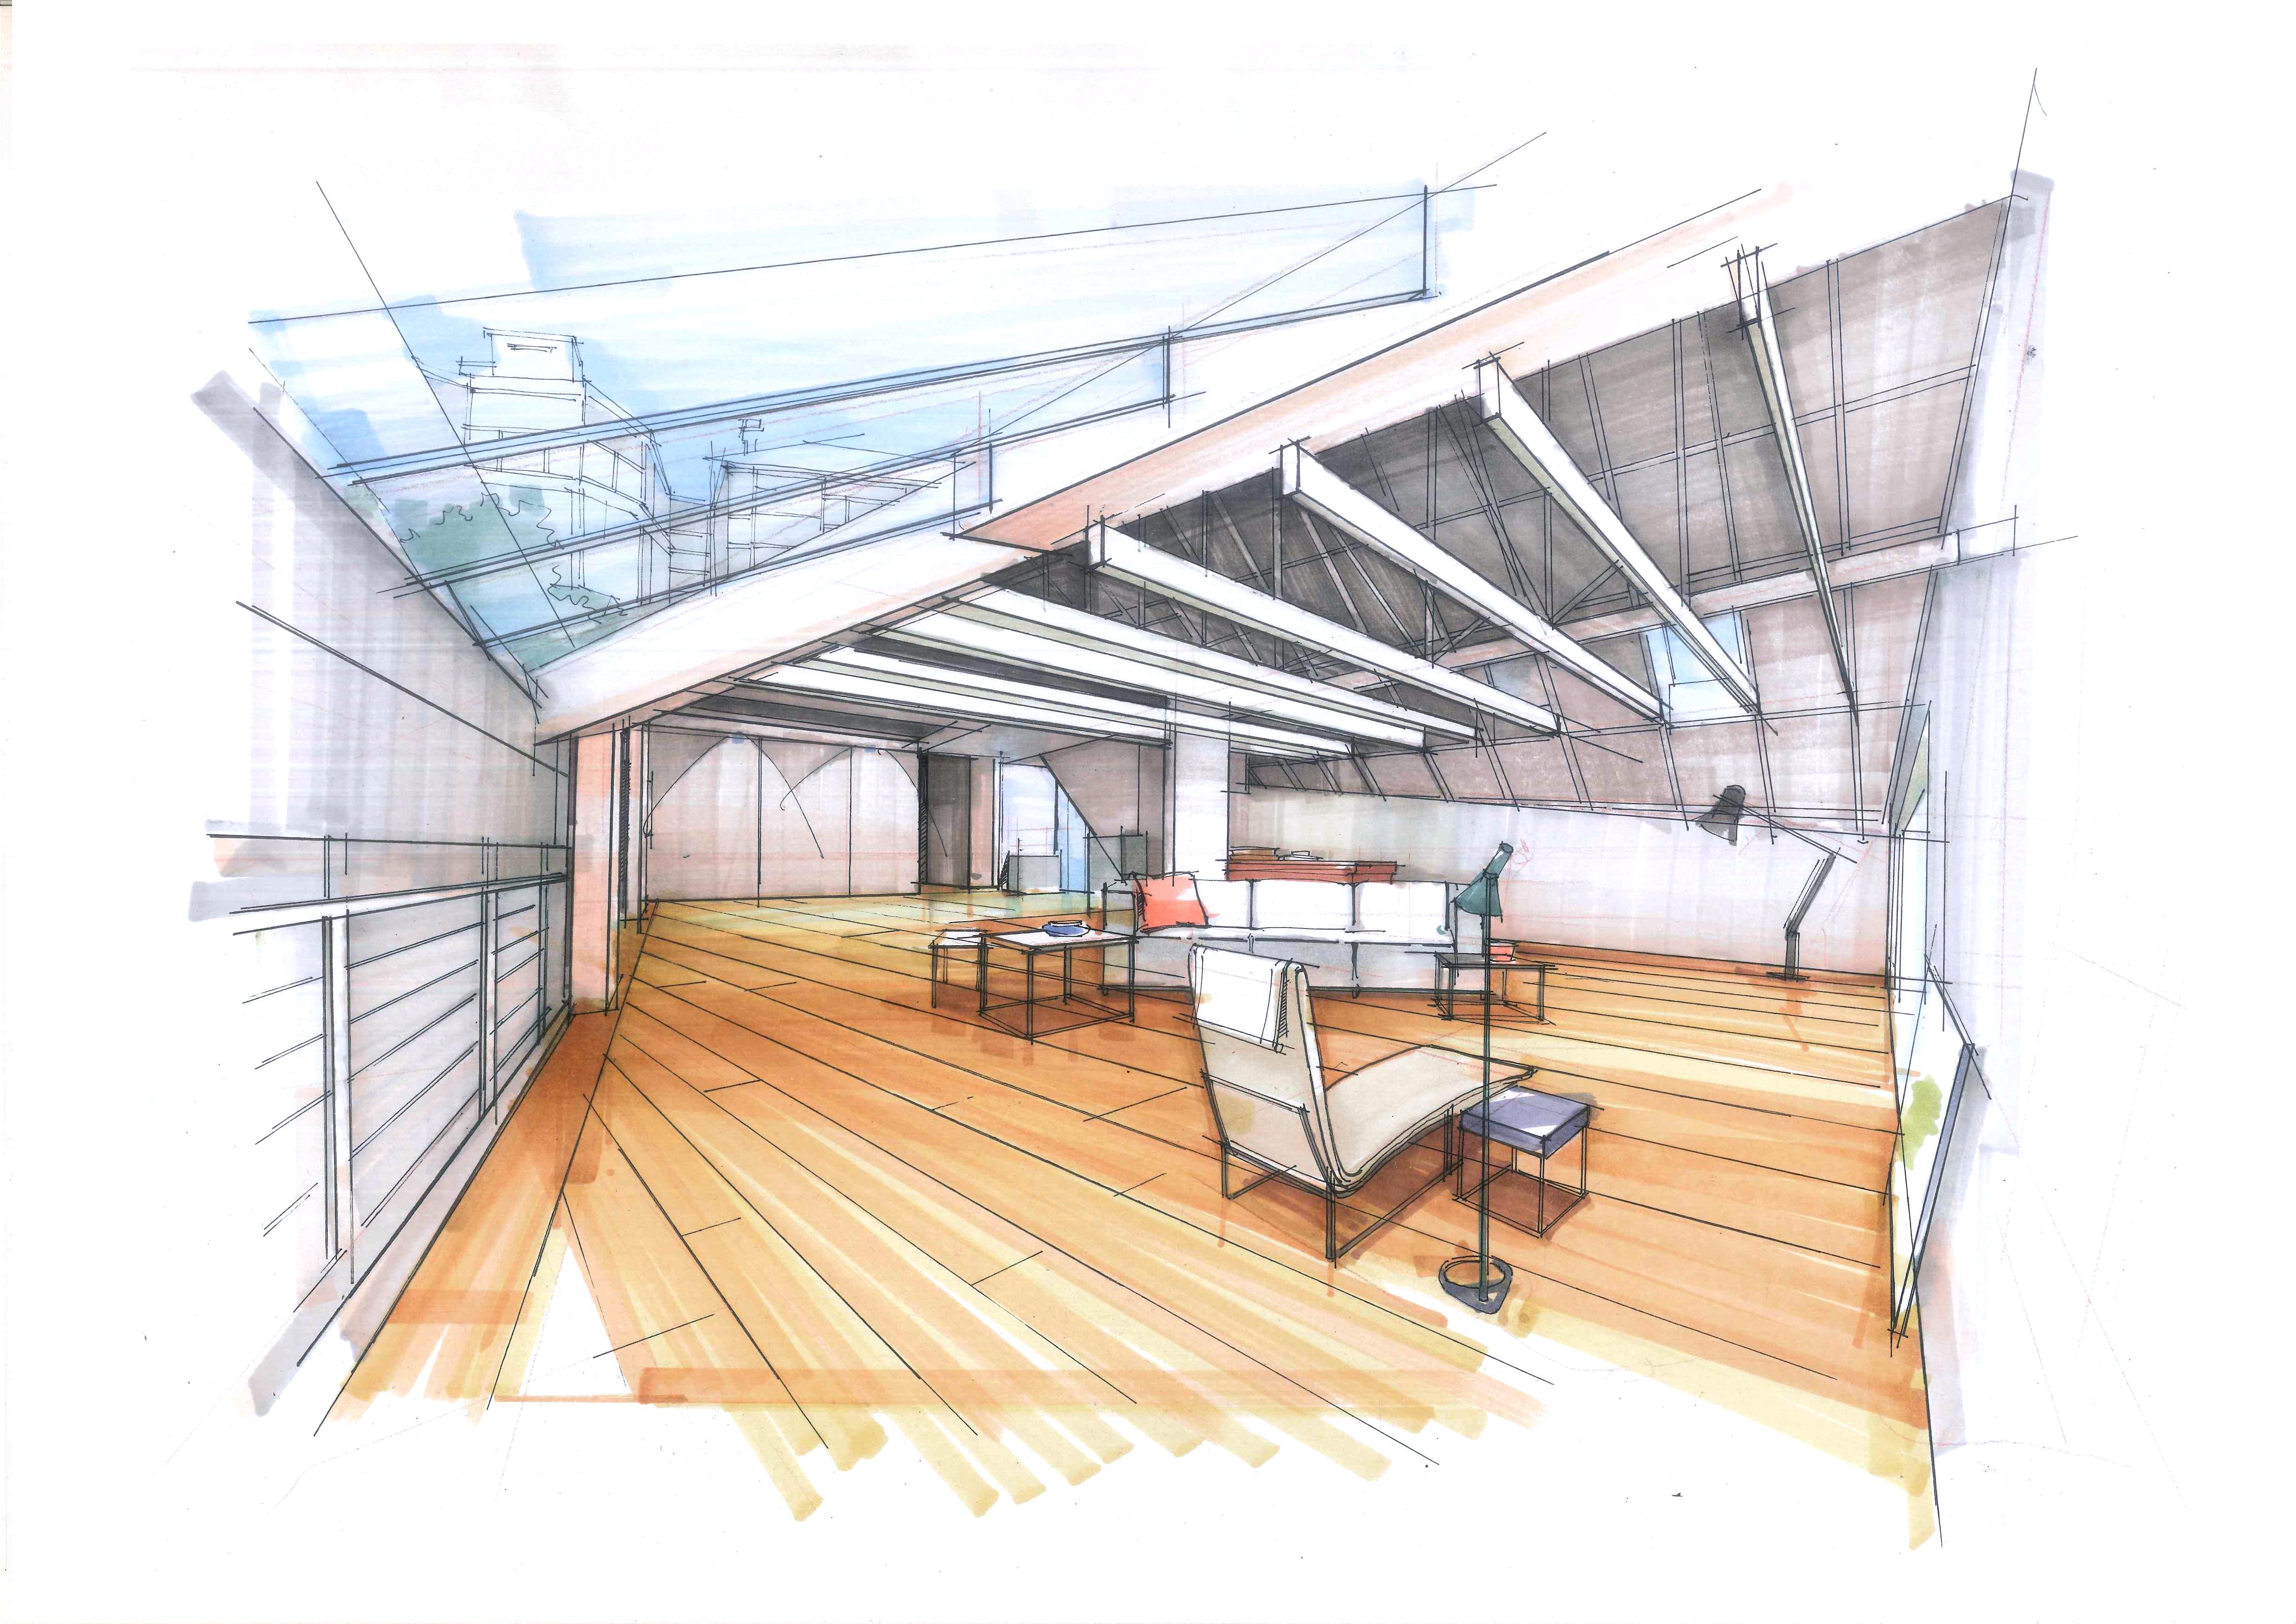 室内手绘|空间|室内设计|拓儿 - 原创作品 - 站酷